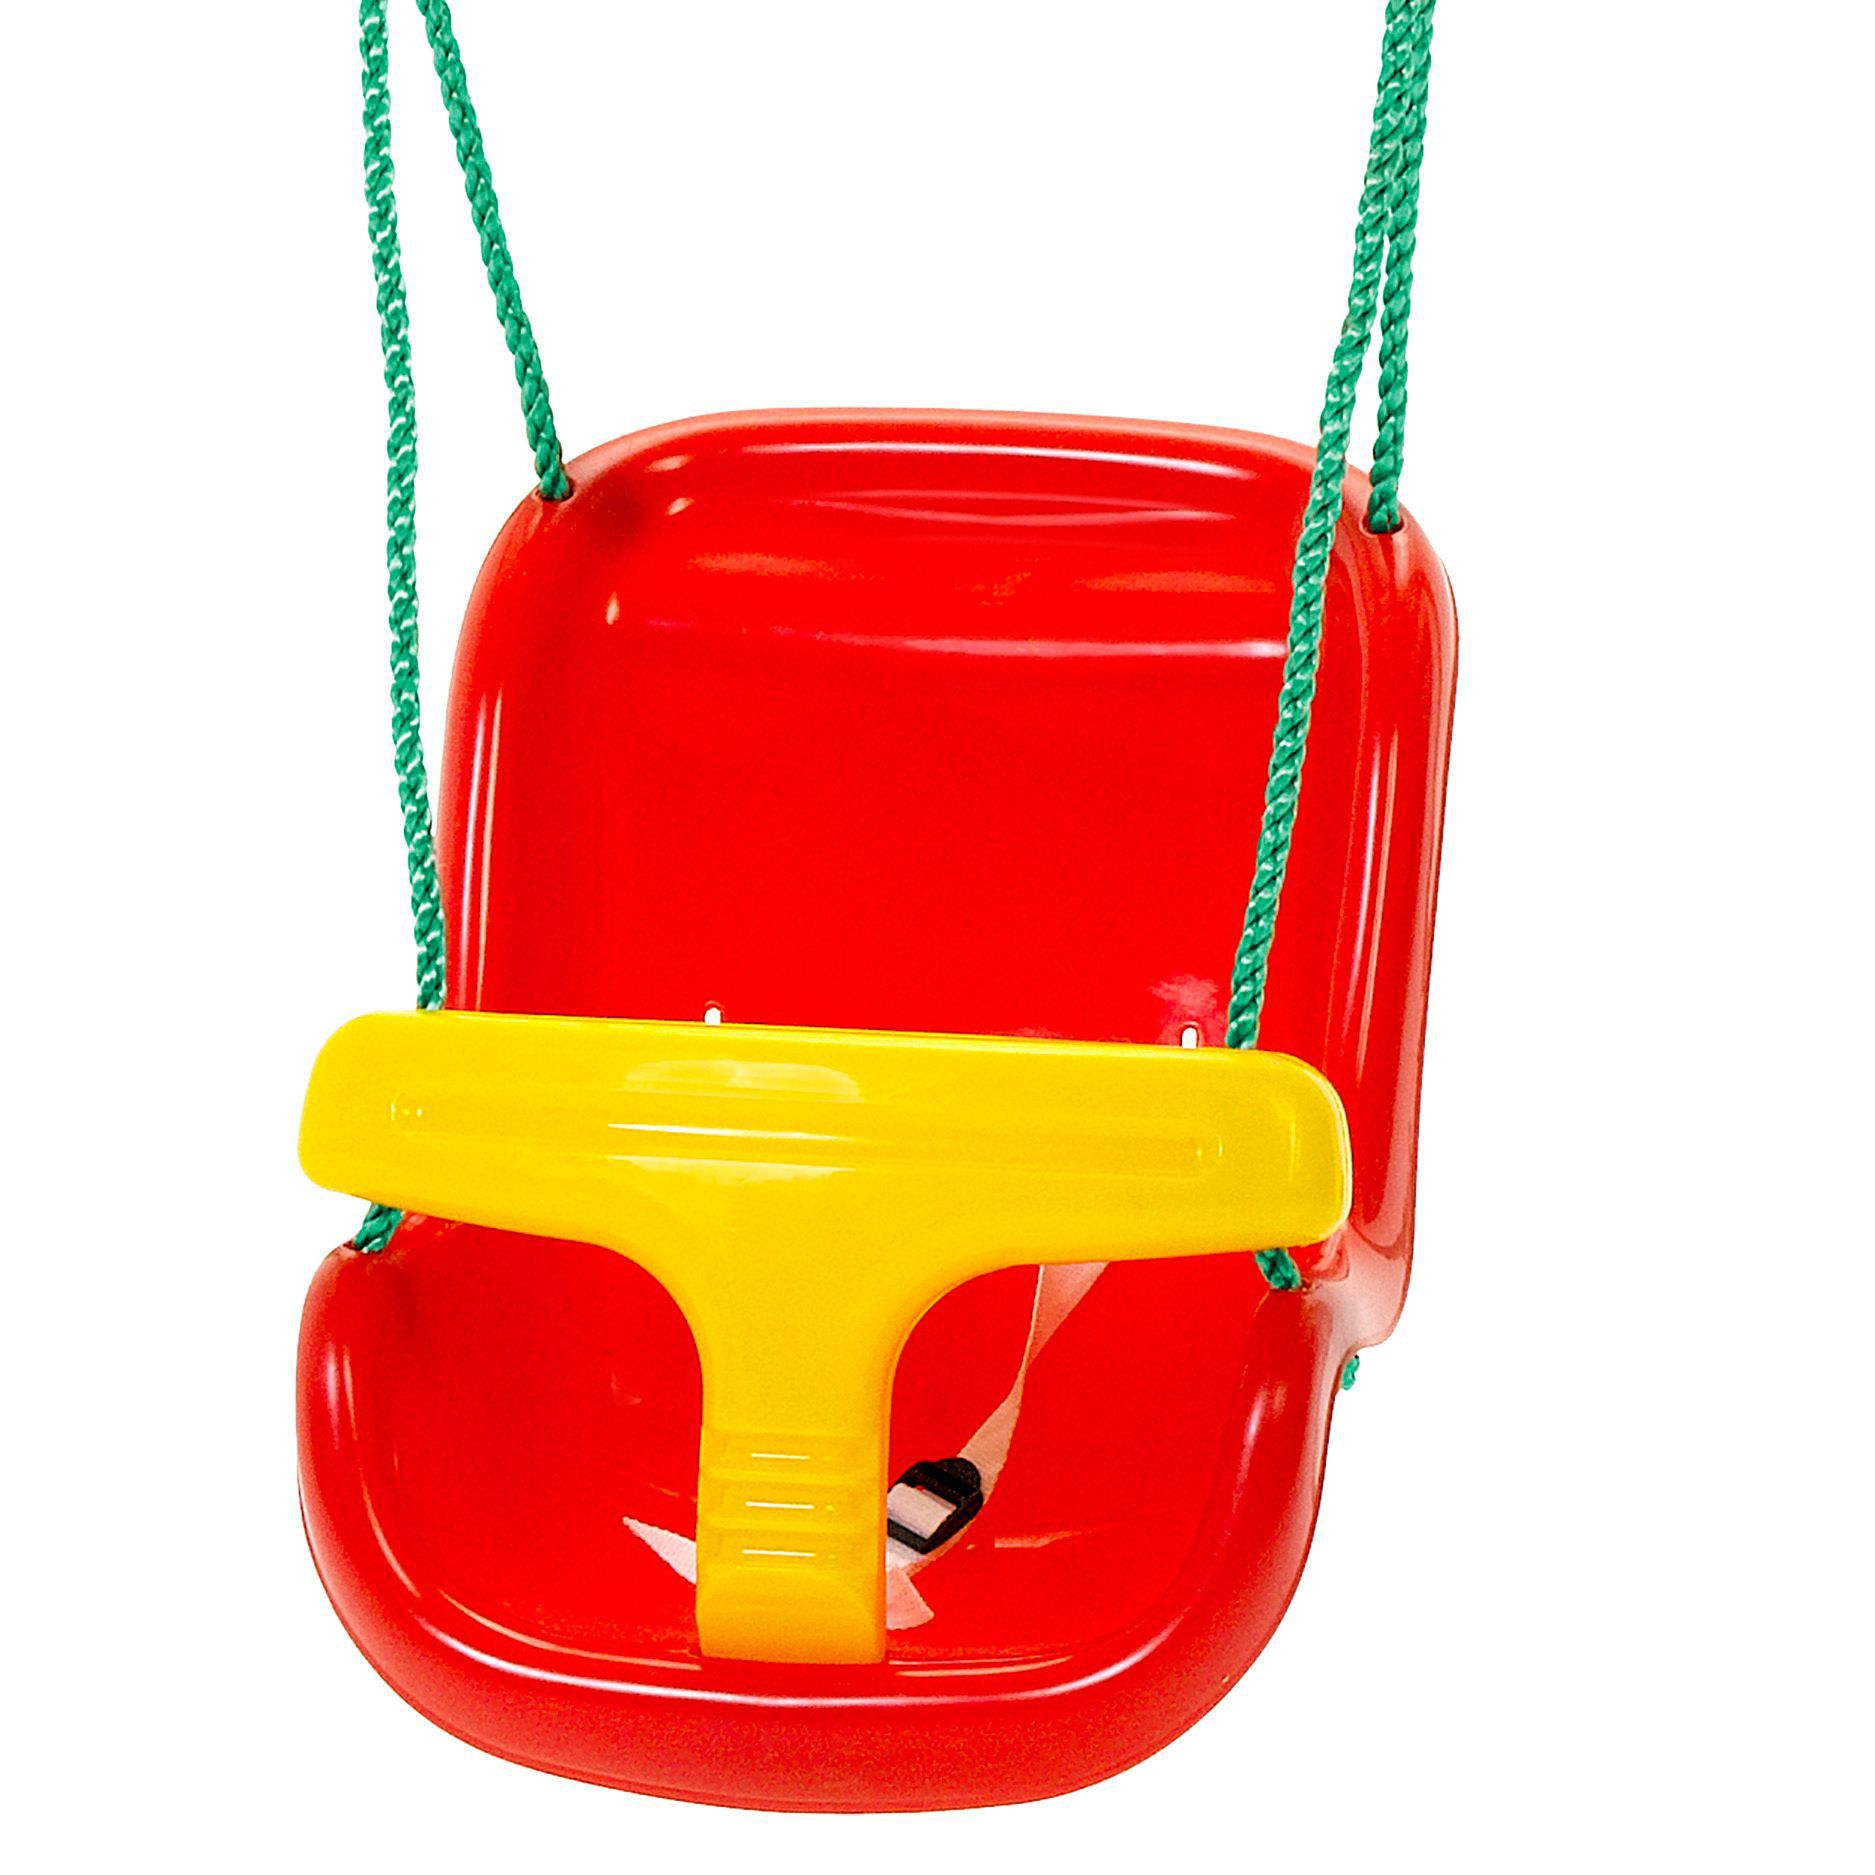 Plum Plastic Baby Seat Departments